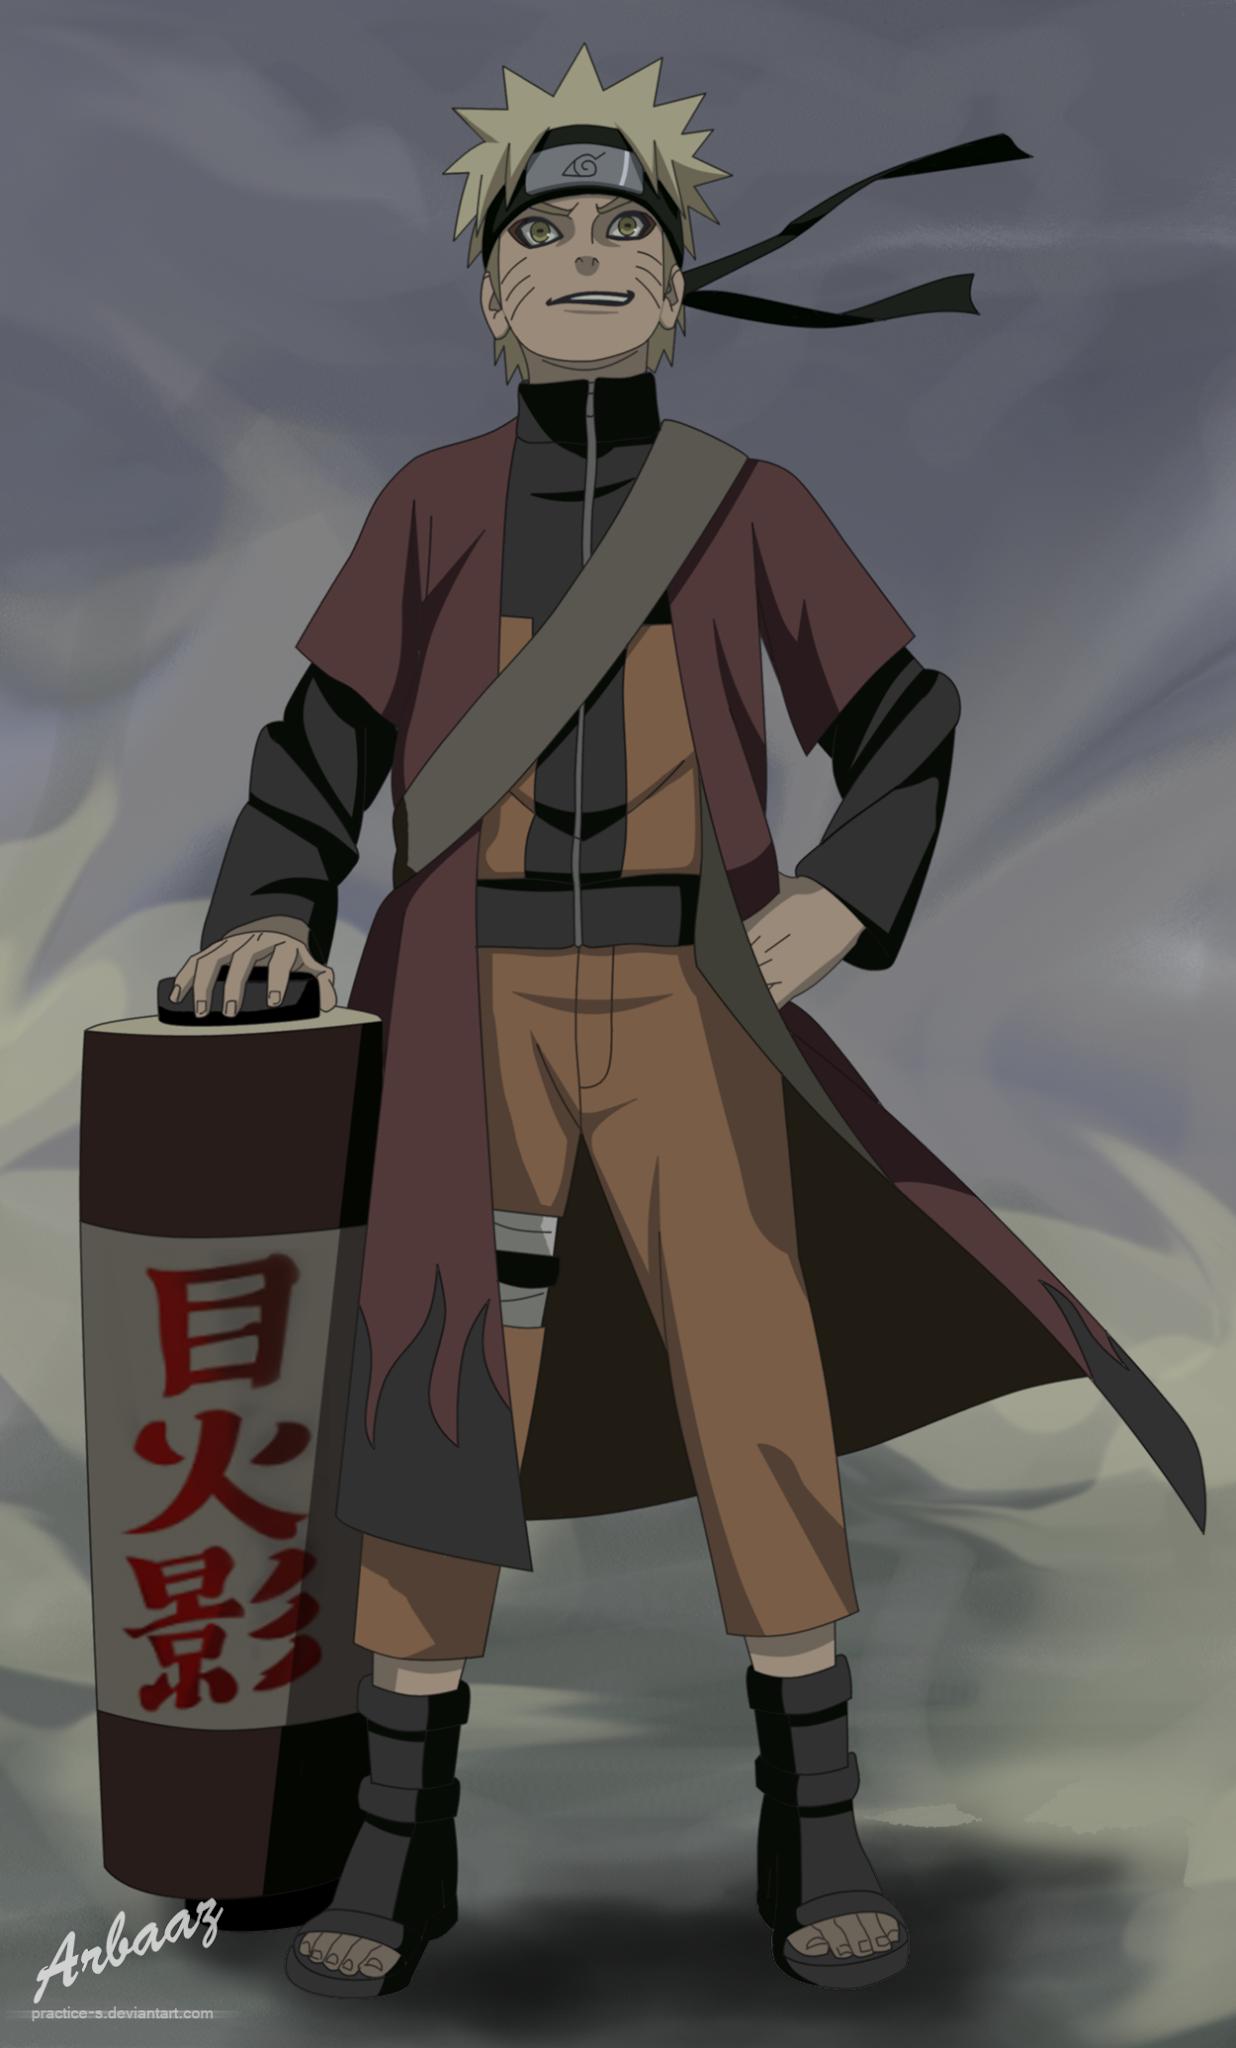 Naruto Wallpaper For Iphone 5 Naruto Shinpuuden Wallpaper